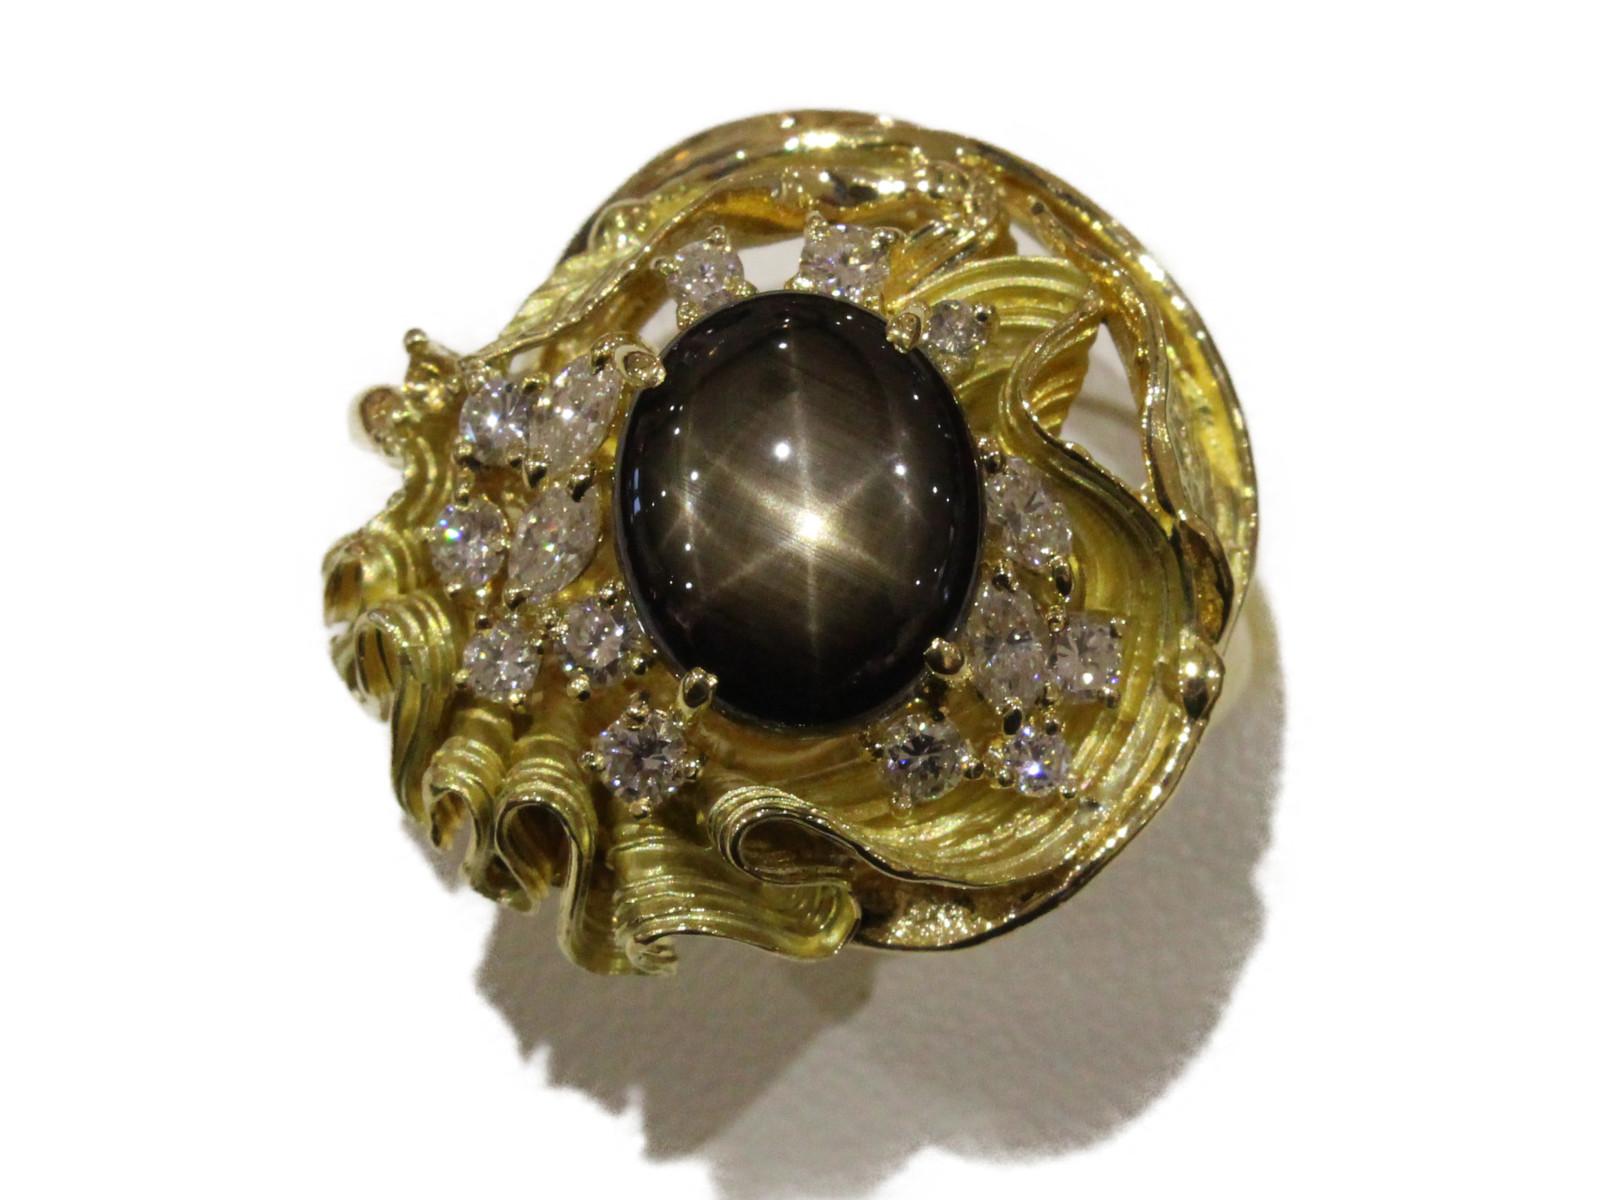 ブラックスターサファイアリングブラックスターサファイア4.95ct ダイヤモンド0.76ct K1817.9g 17号 ゴージャスプレゼント包装可 【中古】